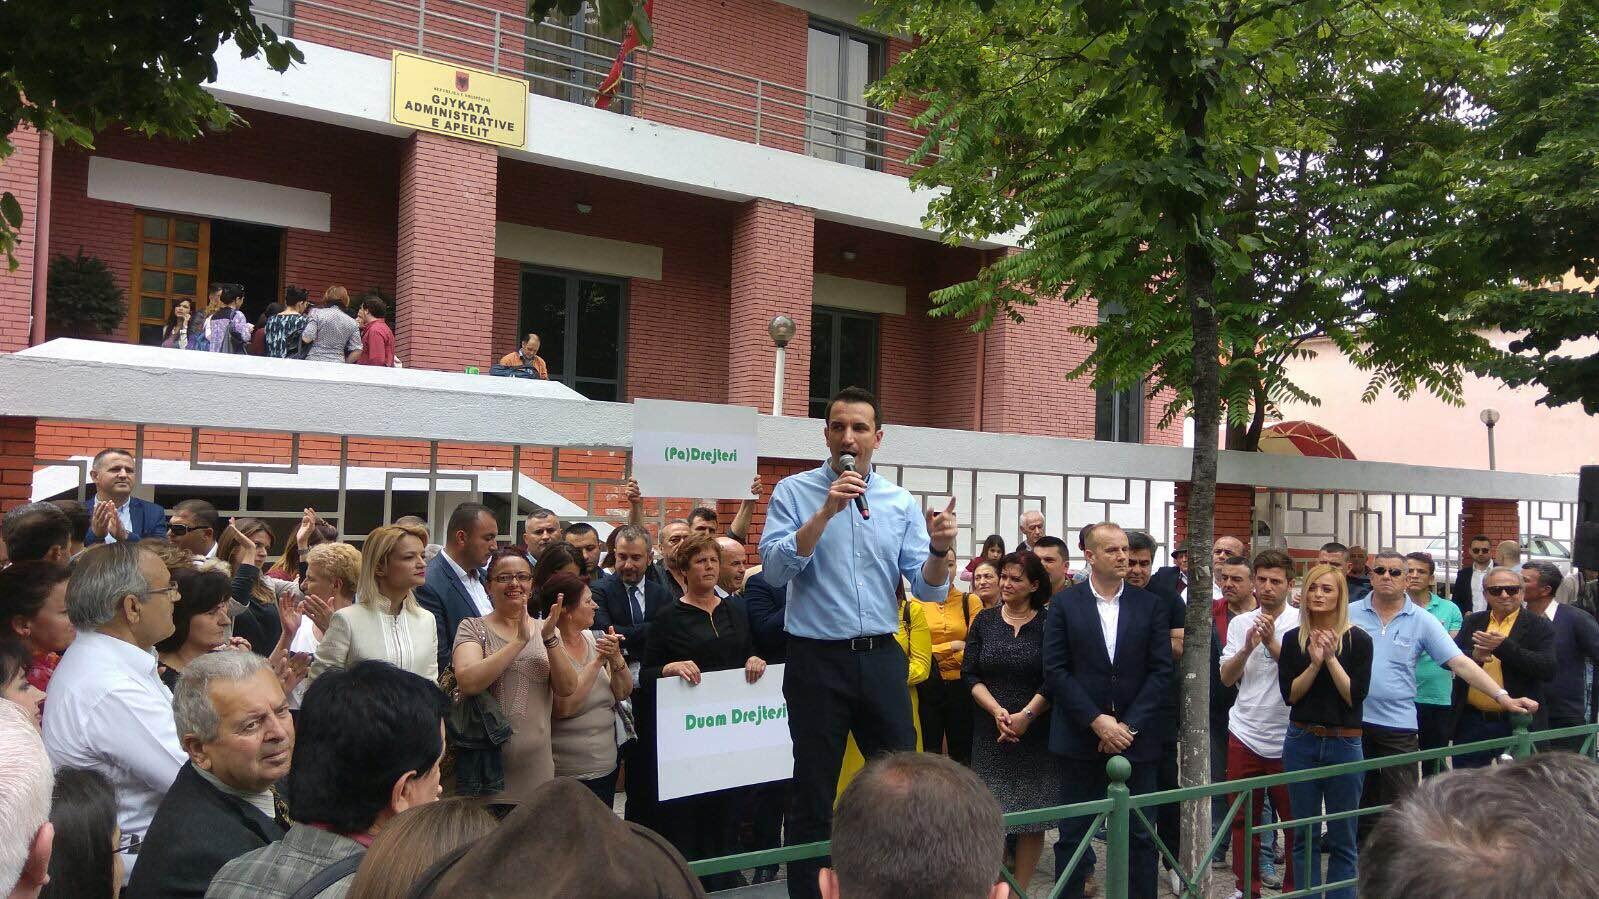 Kritikoi Veliajn për rritjen e çmimit të ujit, Gjykata e Tiranës dënon këshilltarin demokrat për shpifje